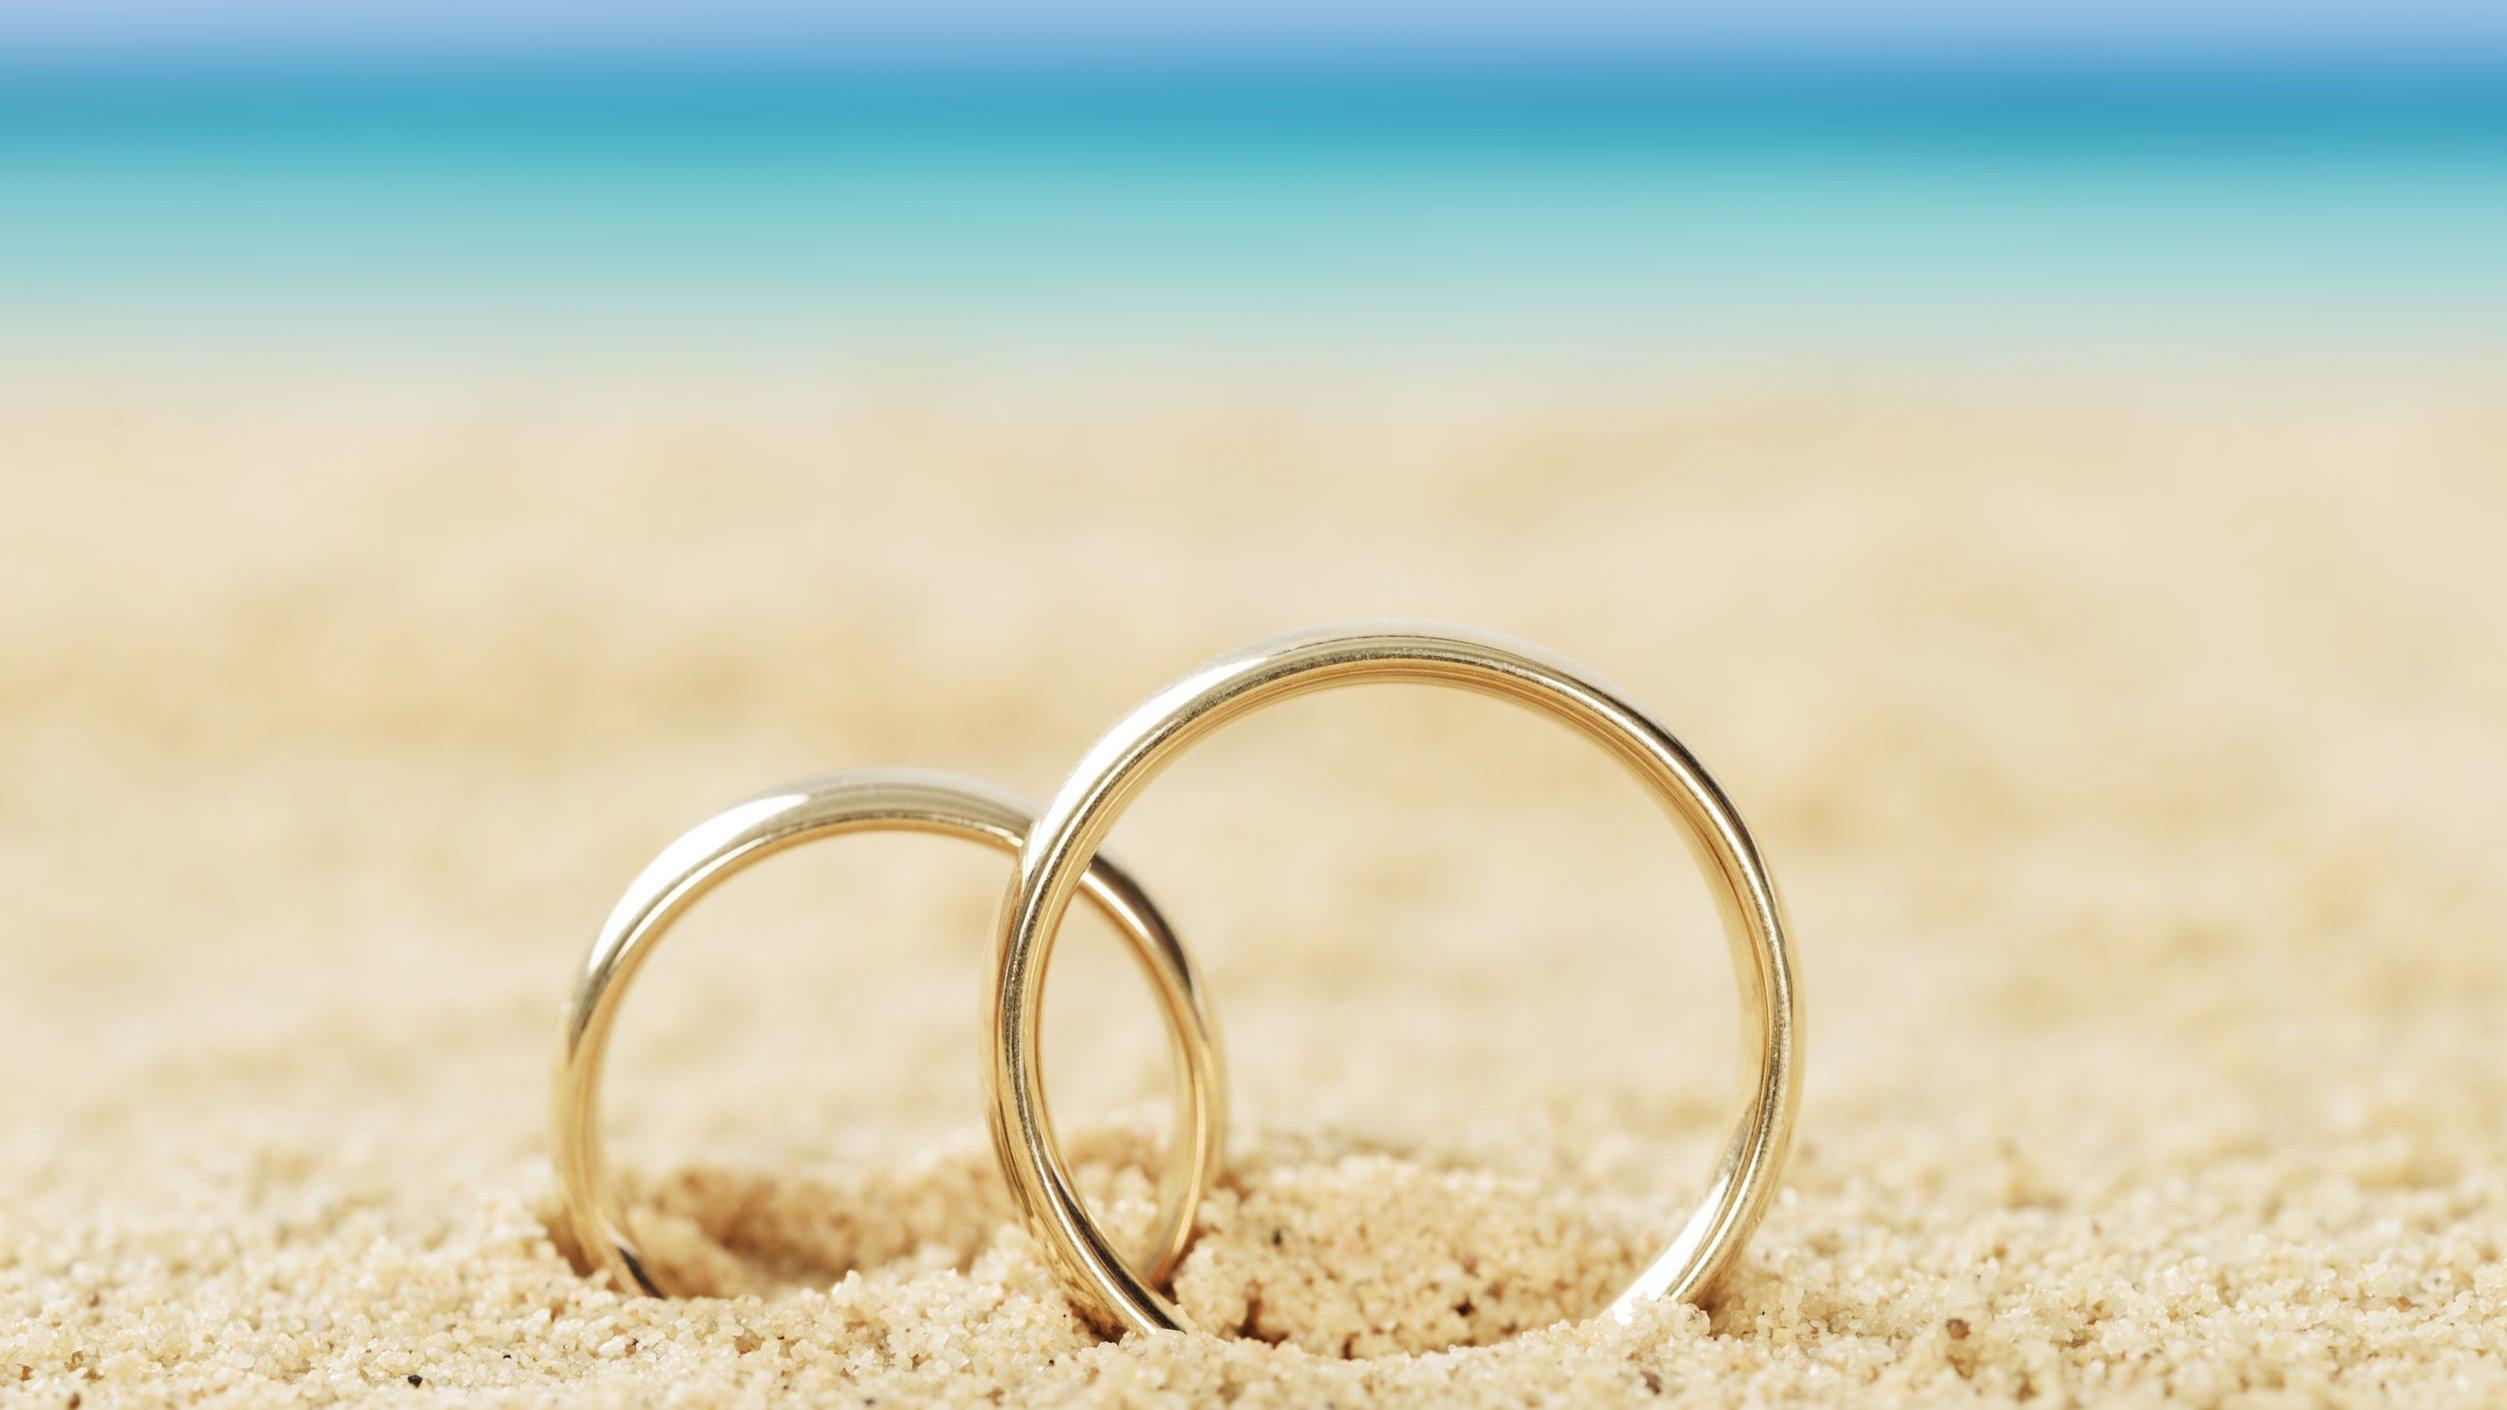 Alianças douradas na areia de uma praia